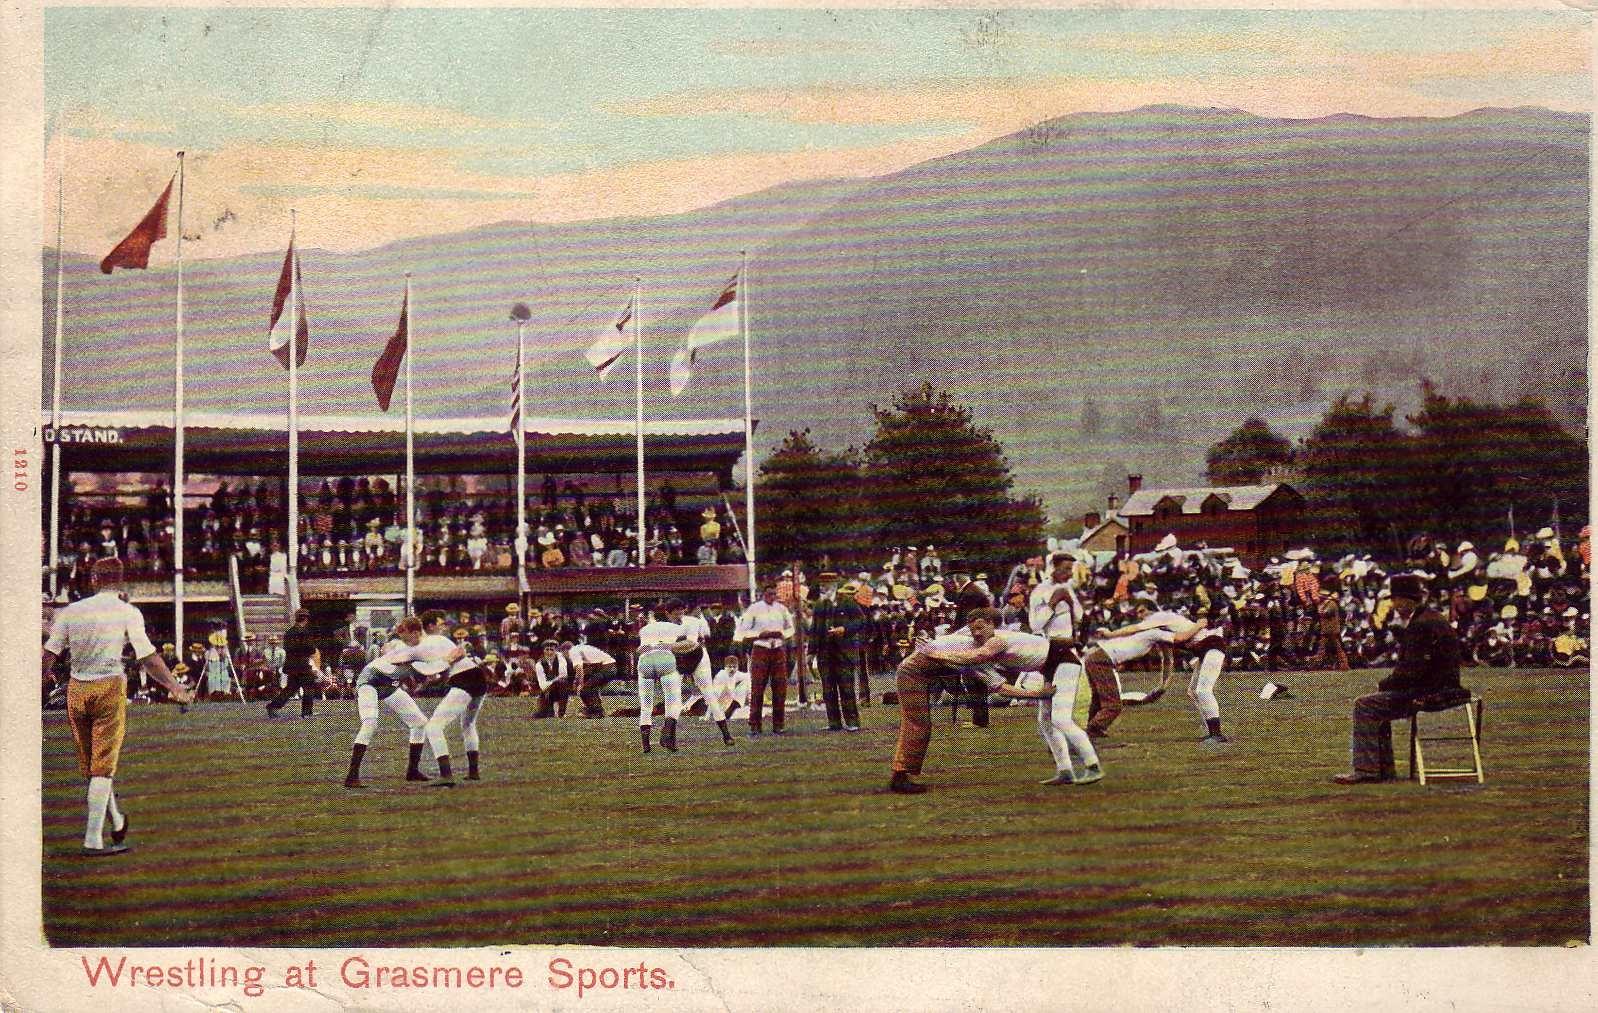 Wrestling at Grasmere Sports